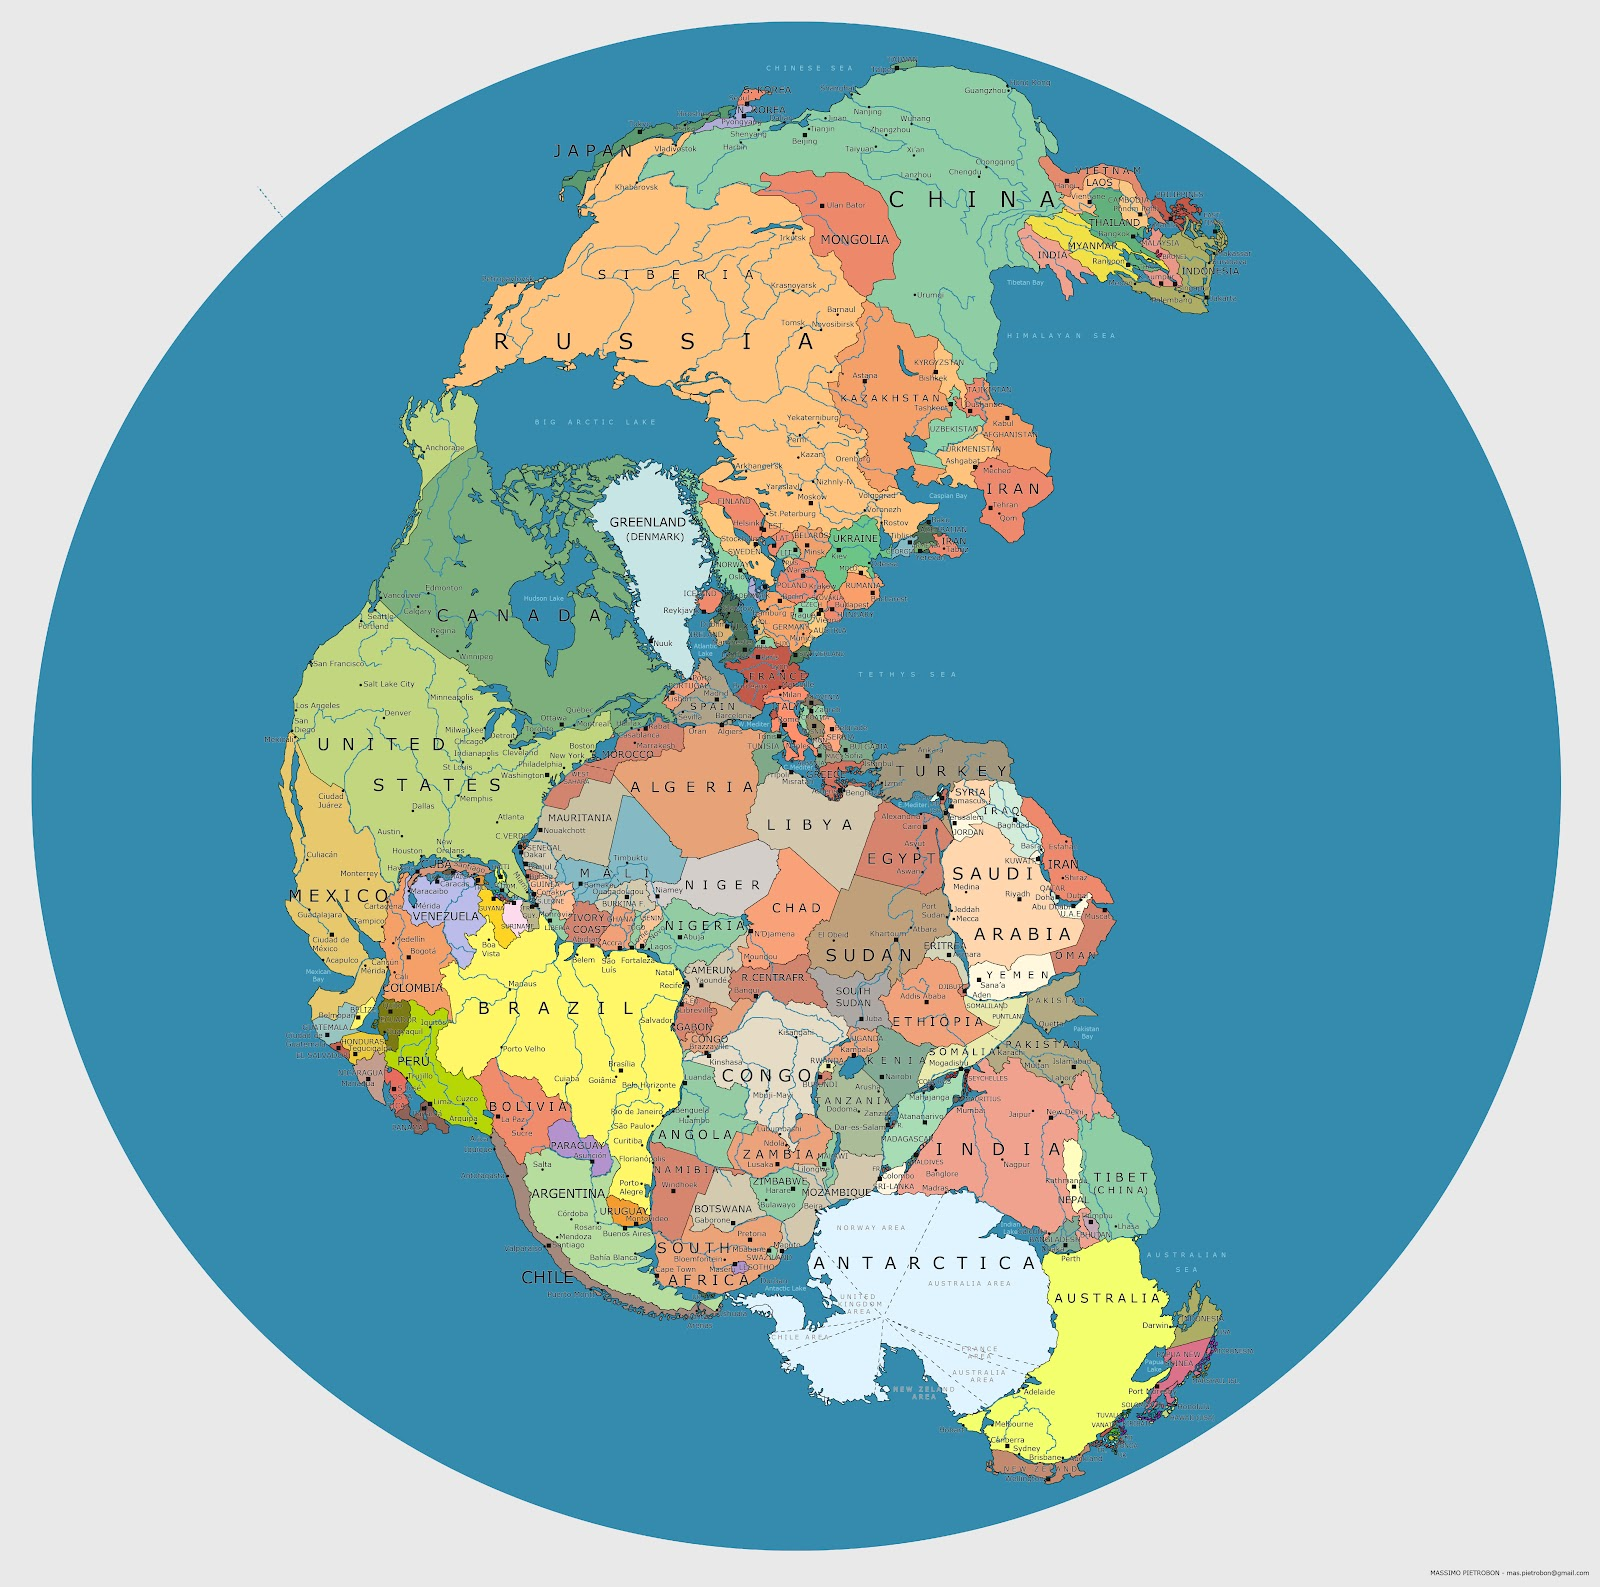 политическая карта мира, Пангея, суперконтинент